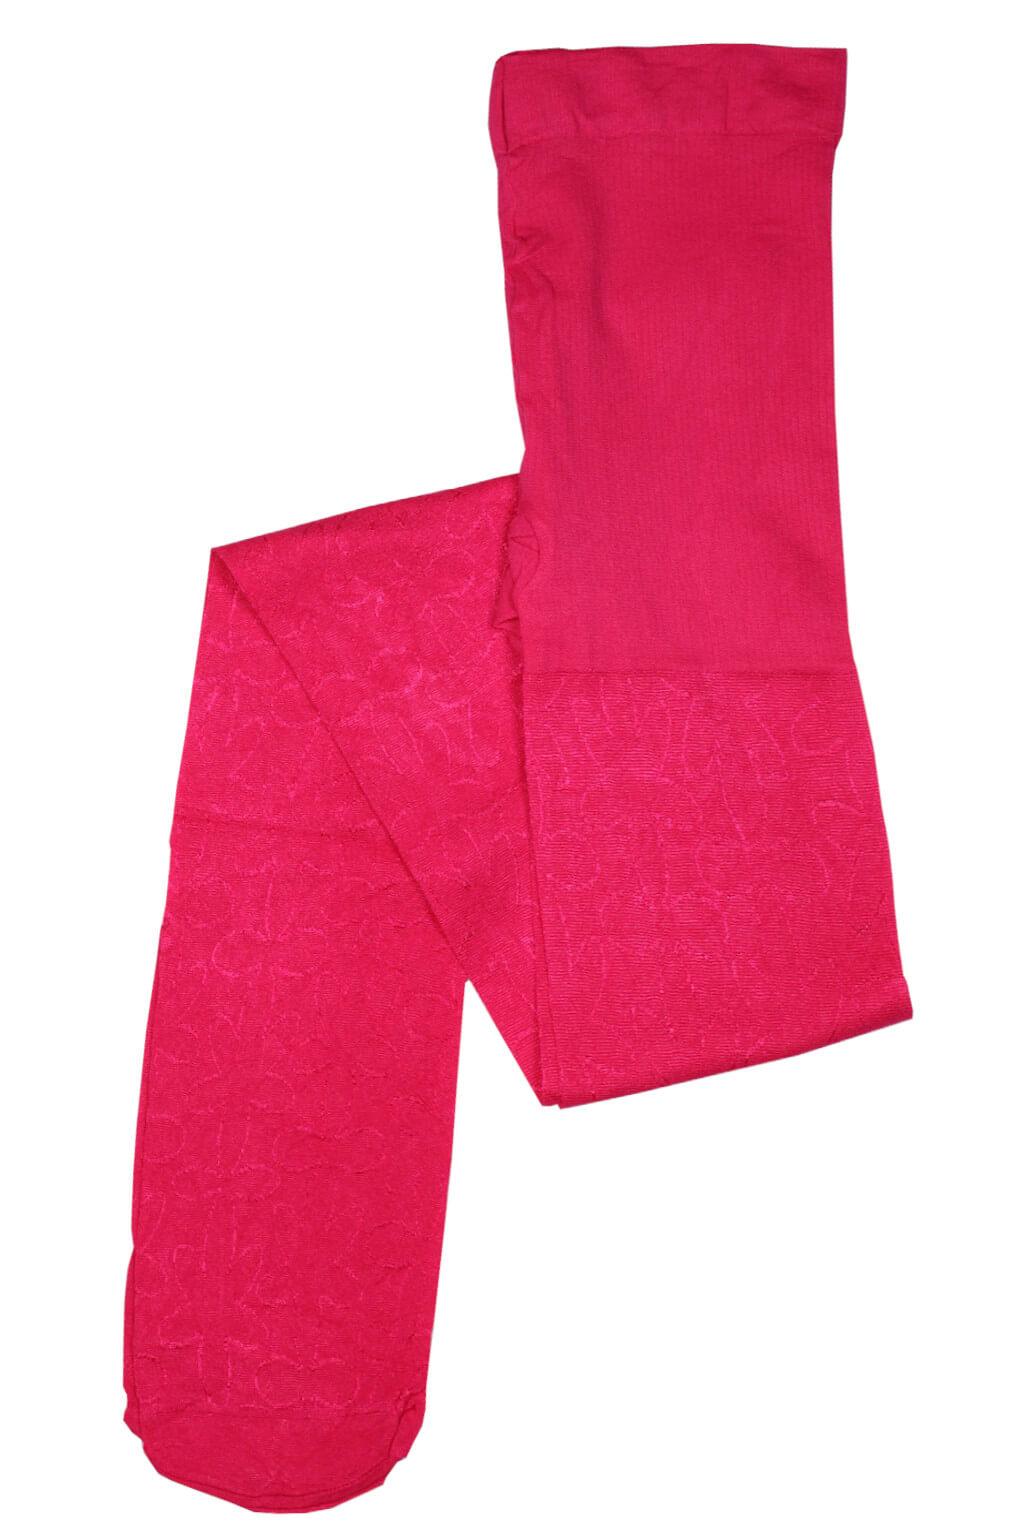 Dívčí silonové punčochy - 40 denů 7-8 let tmavě růžová